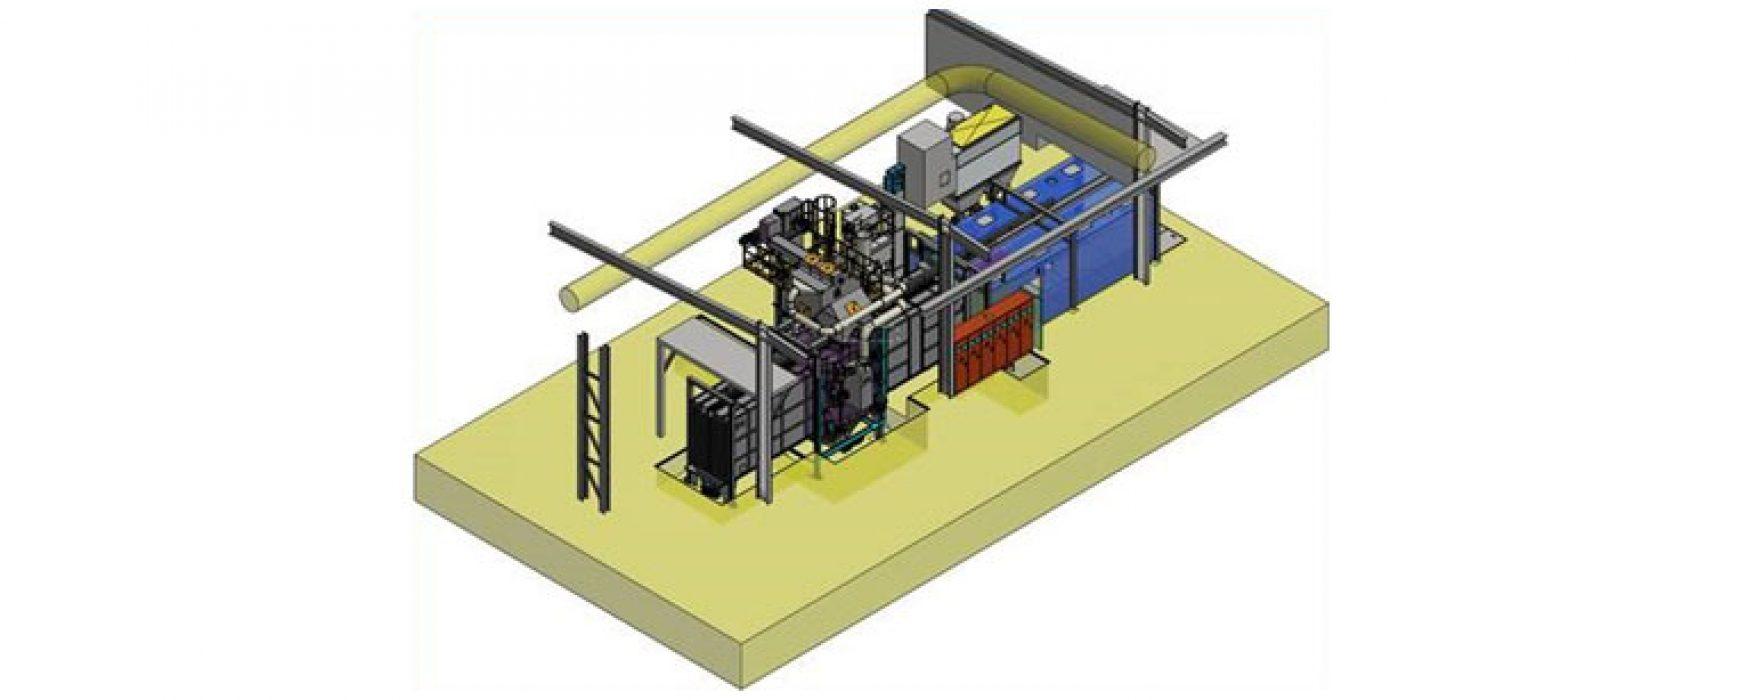 Sandstrahlanlage der Griffner Metallveredelung –  Inbetriebnahme Sept. 2020